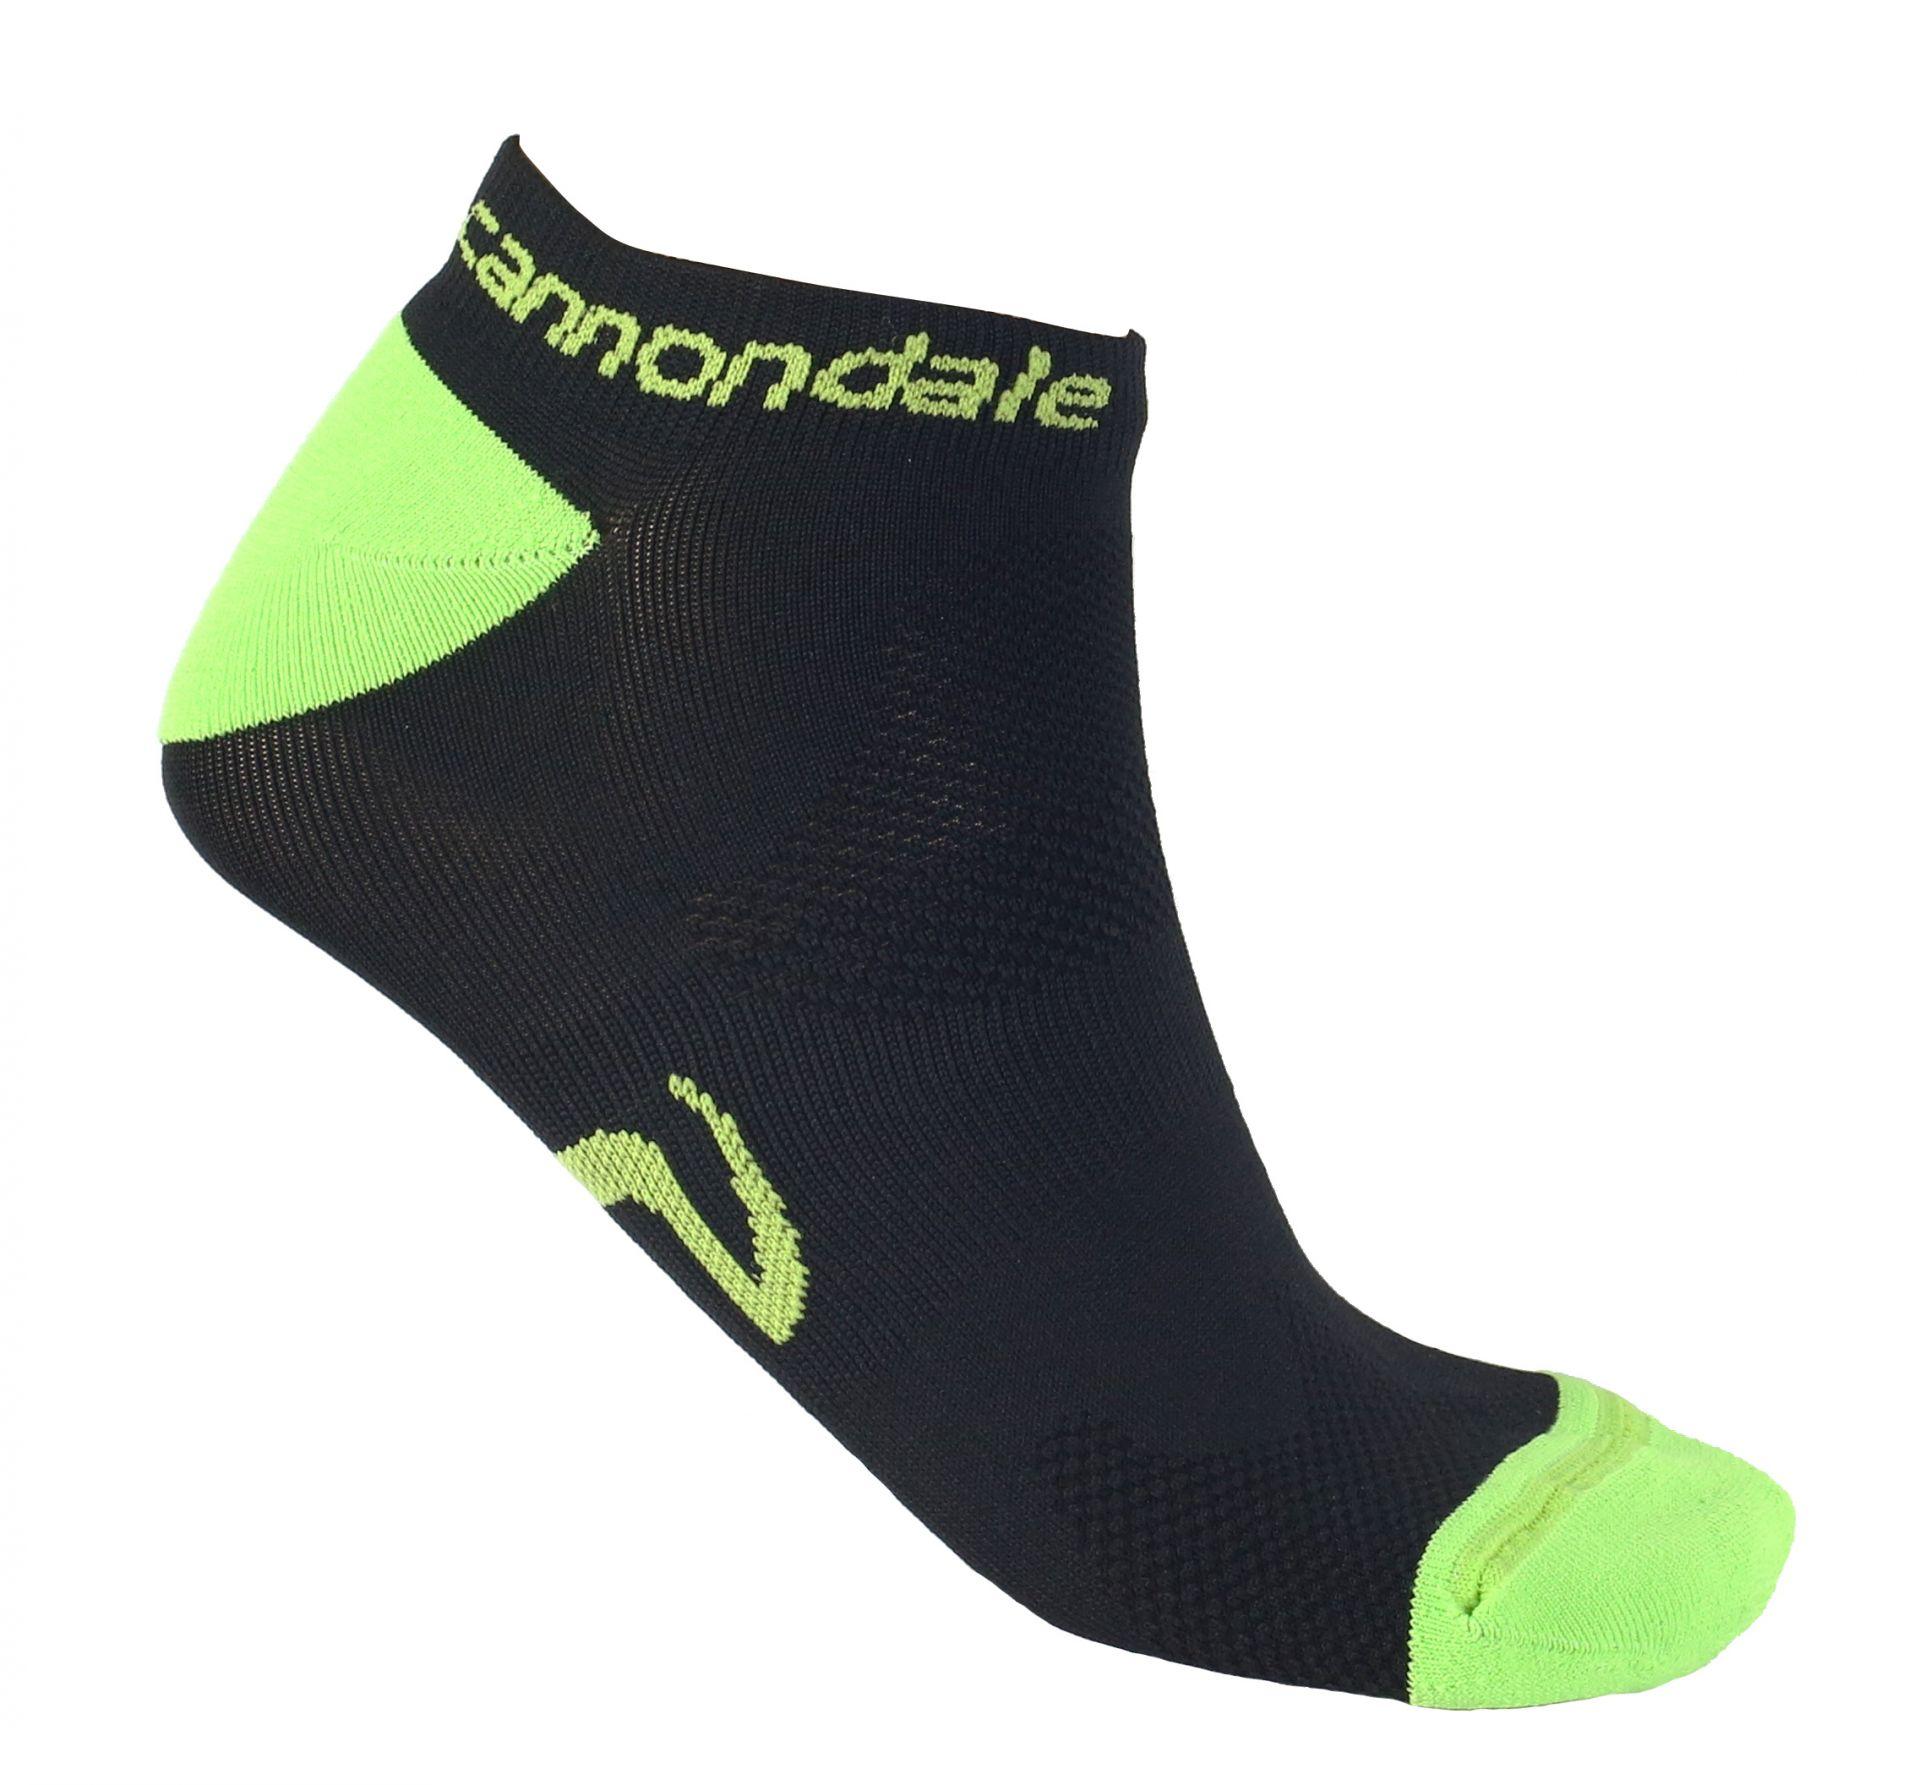 Chaussettes Cannondale Low Socks Noir - S / 35-37